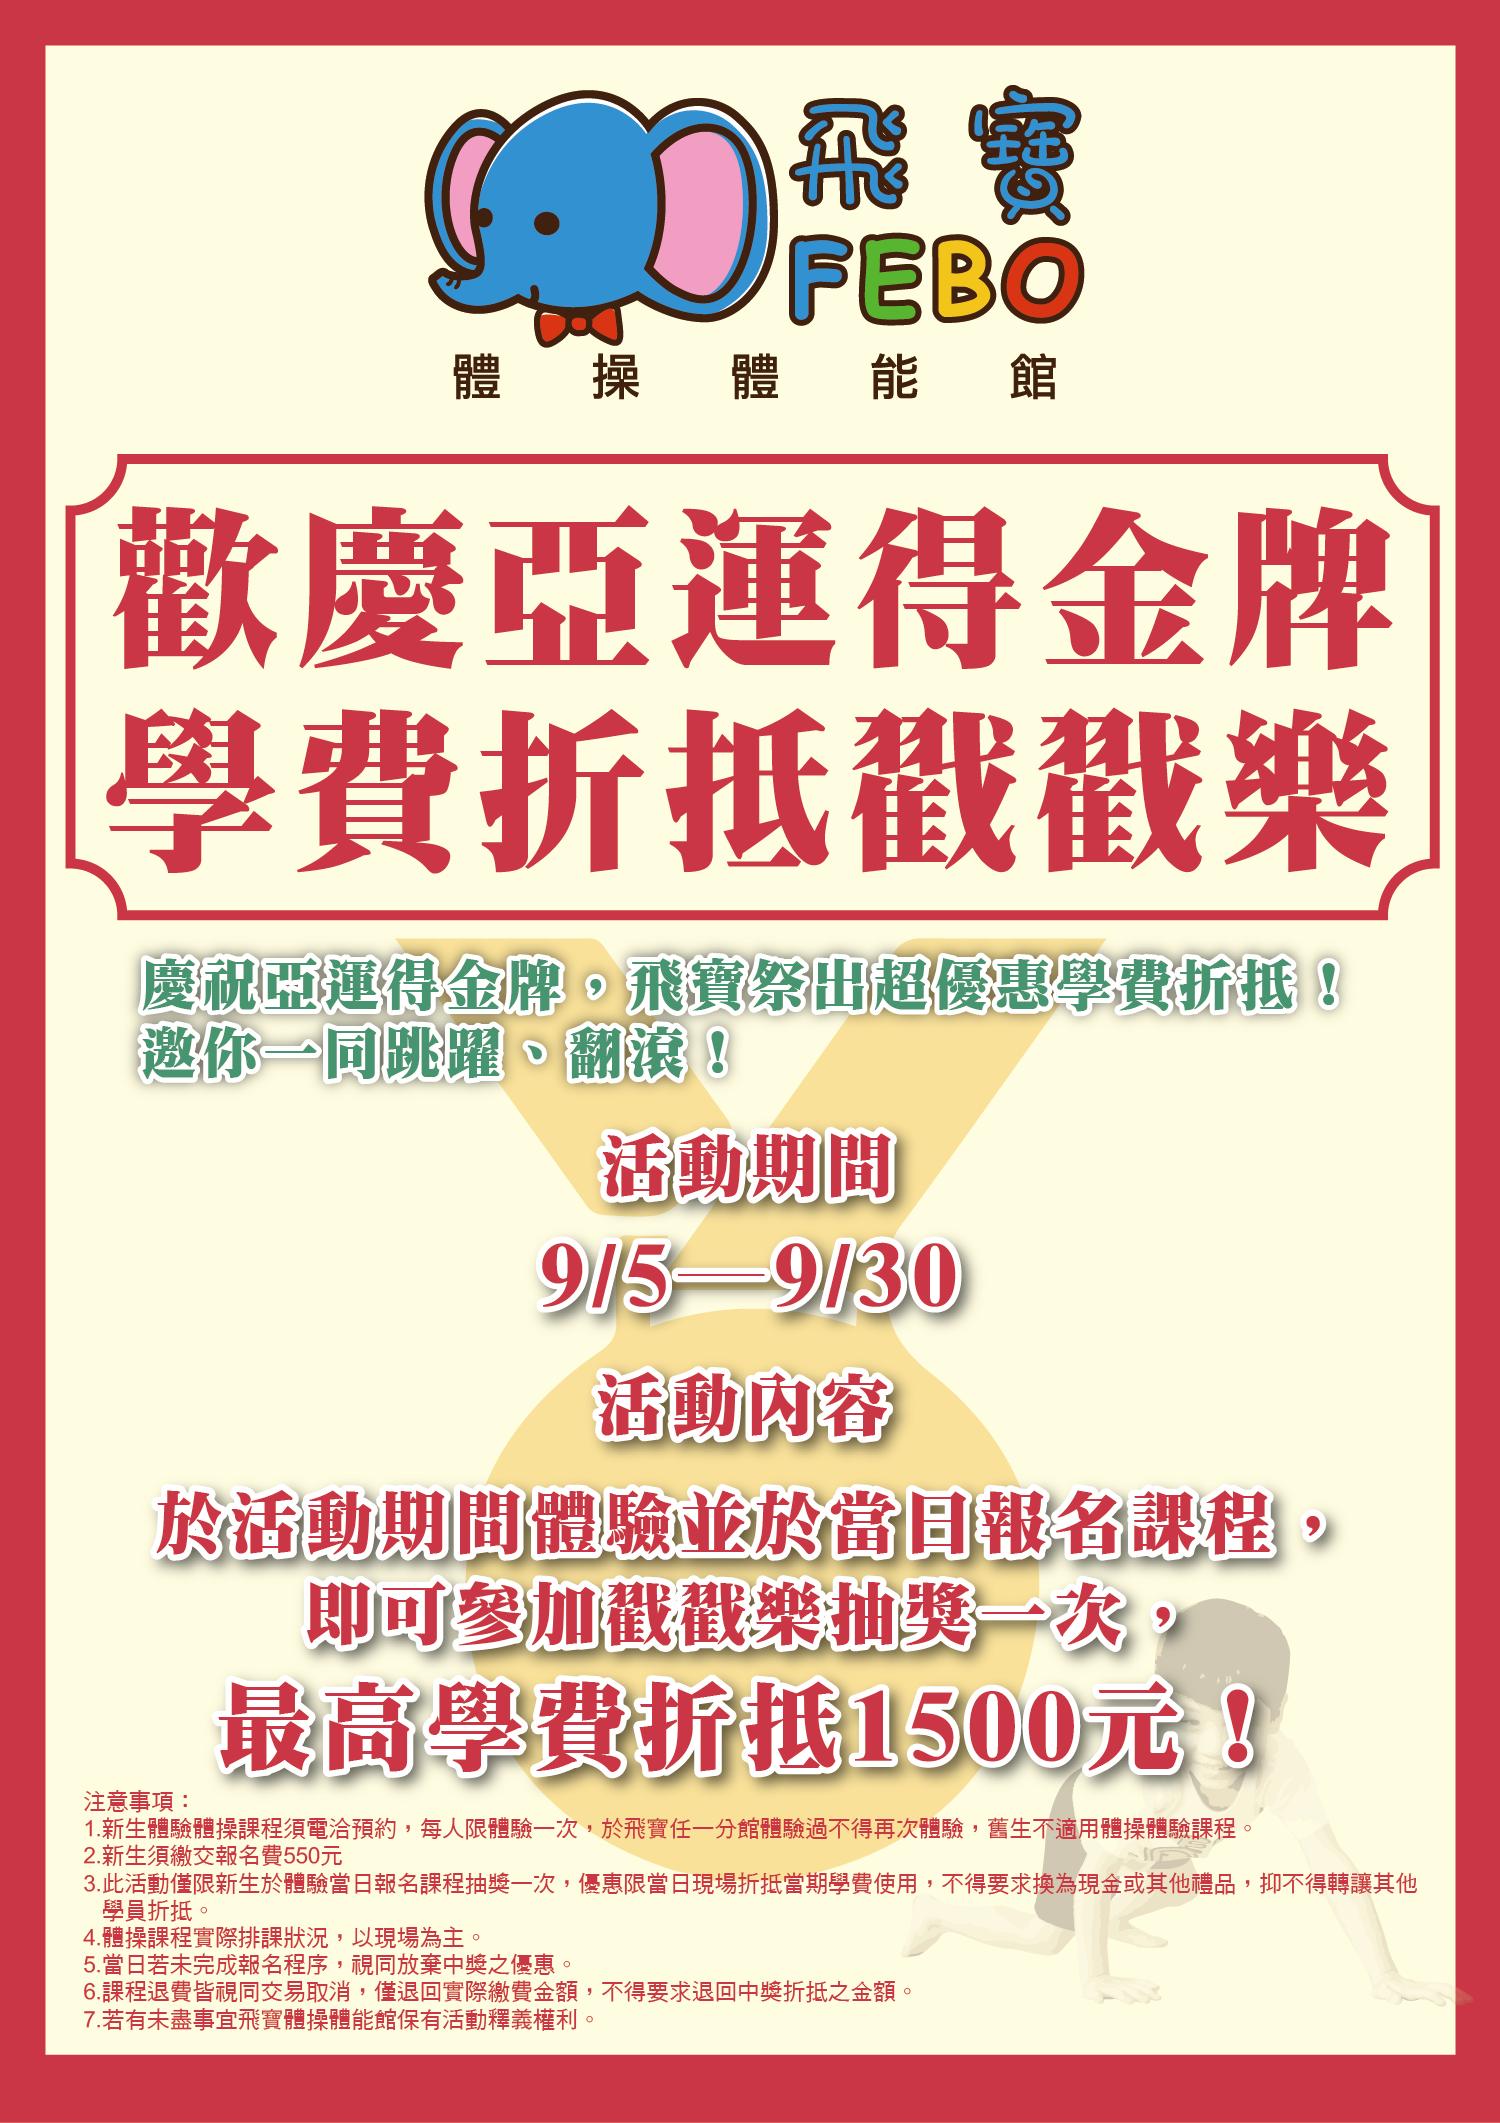 飛寶-9月戳戳樂官網內文